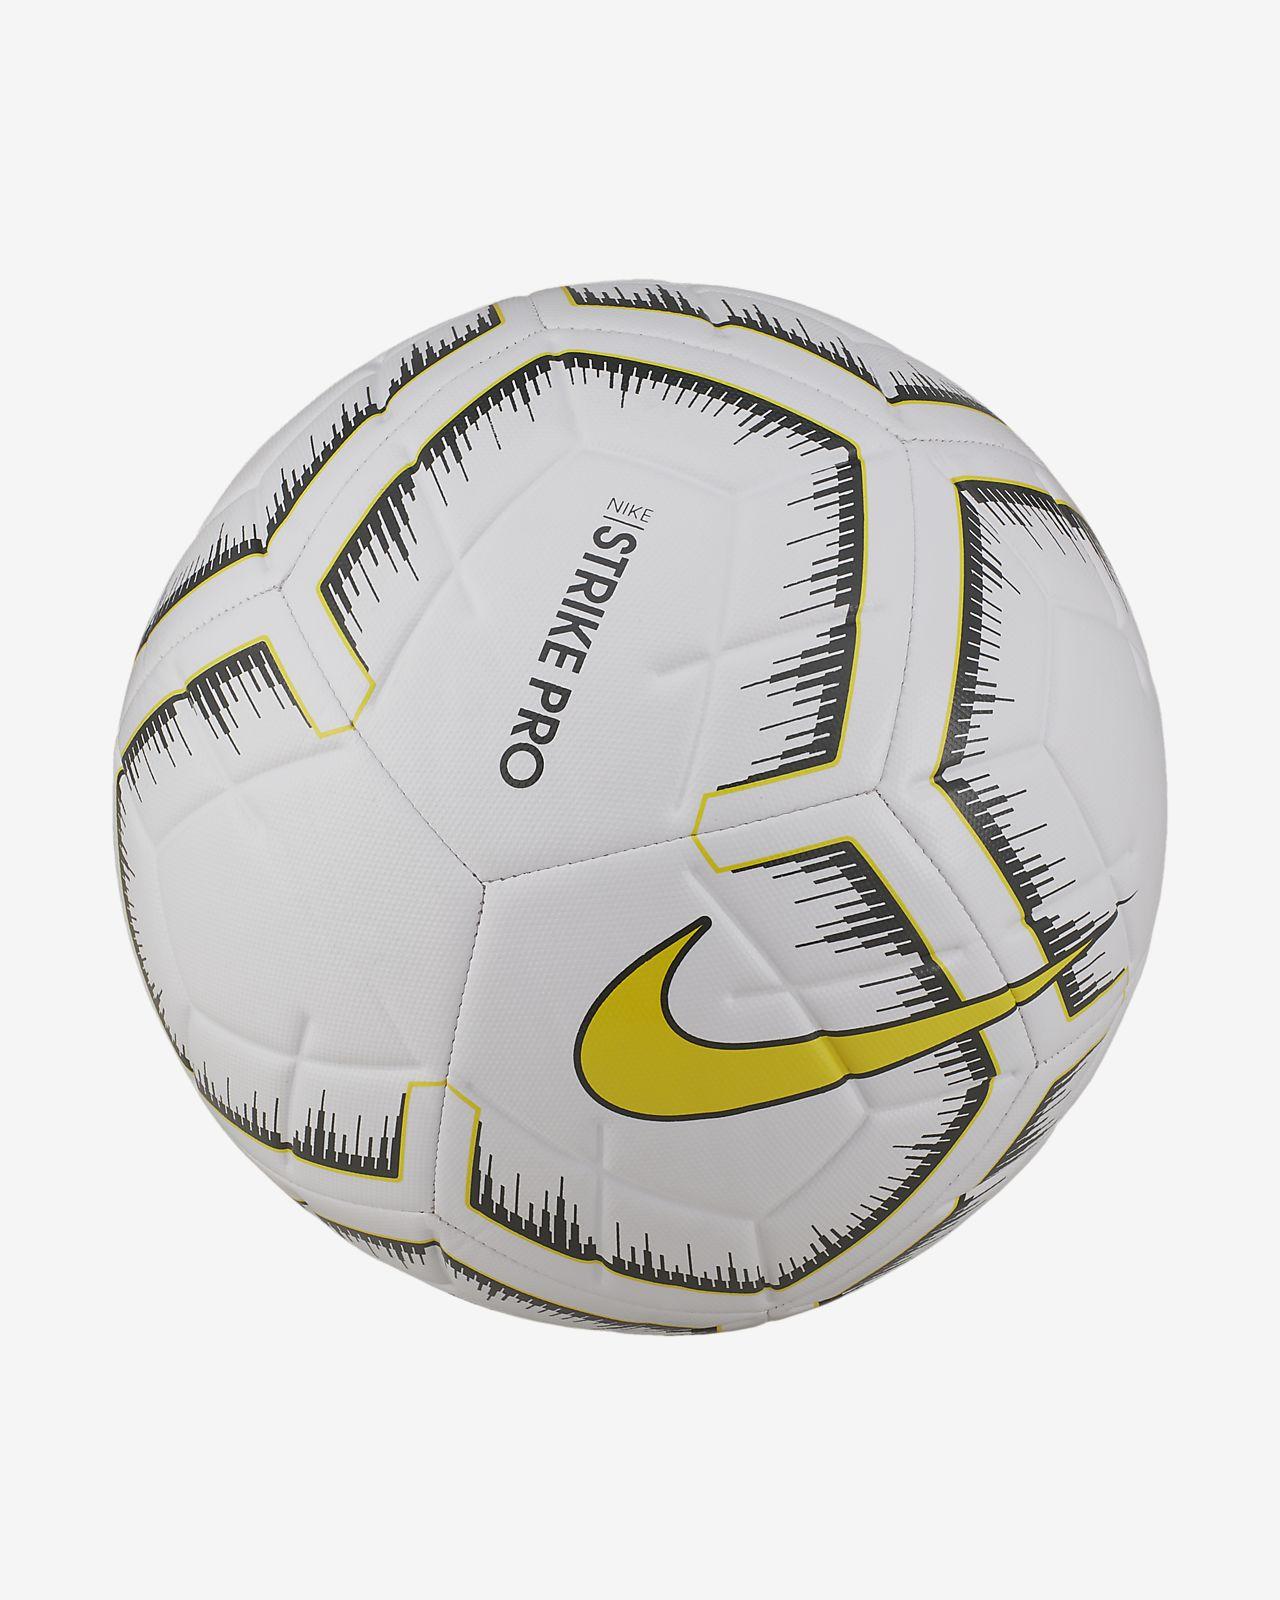 Μπάλα ποδοσφαίρου Nike Strike Pro Team